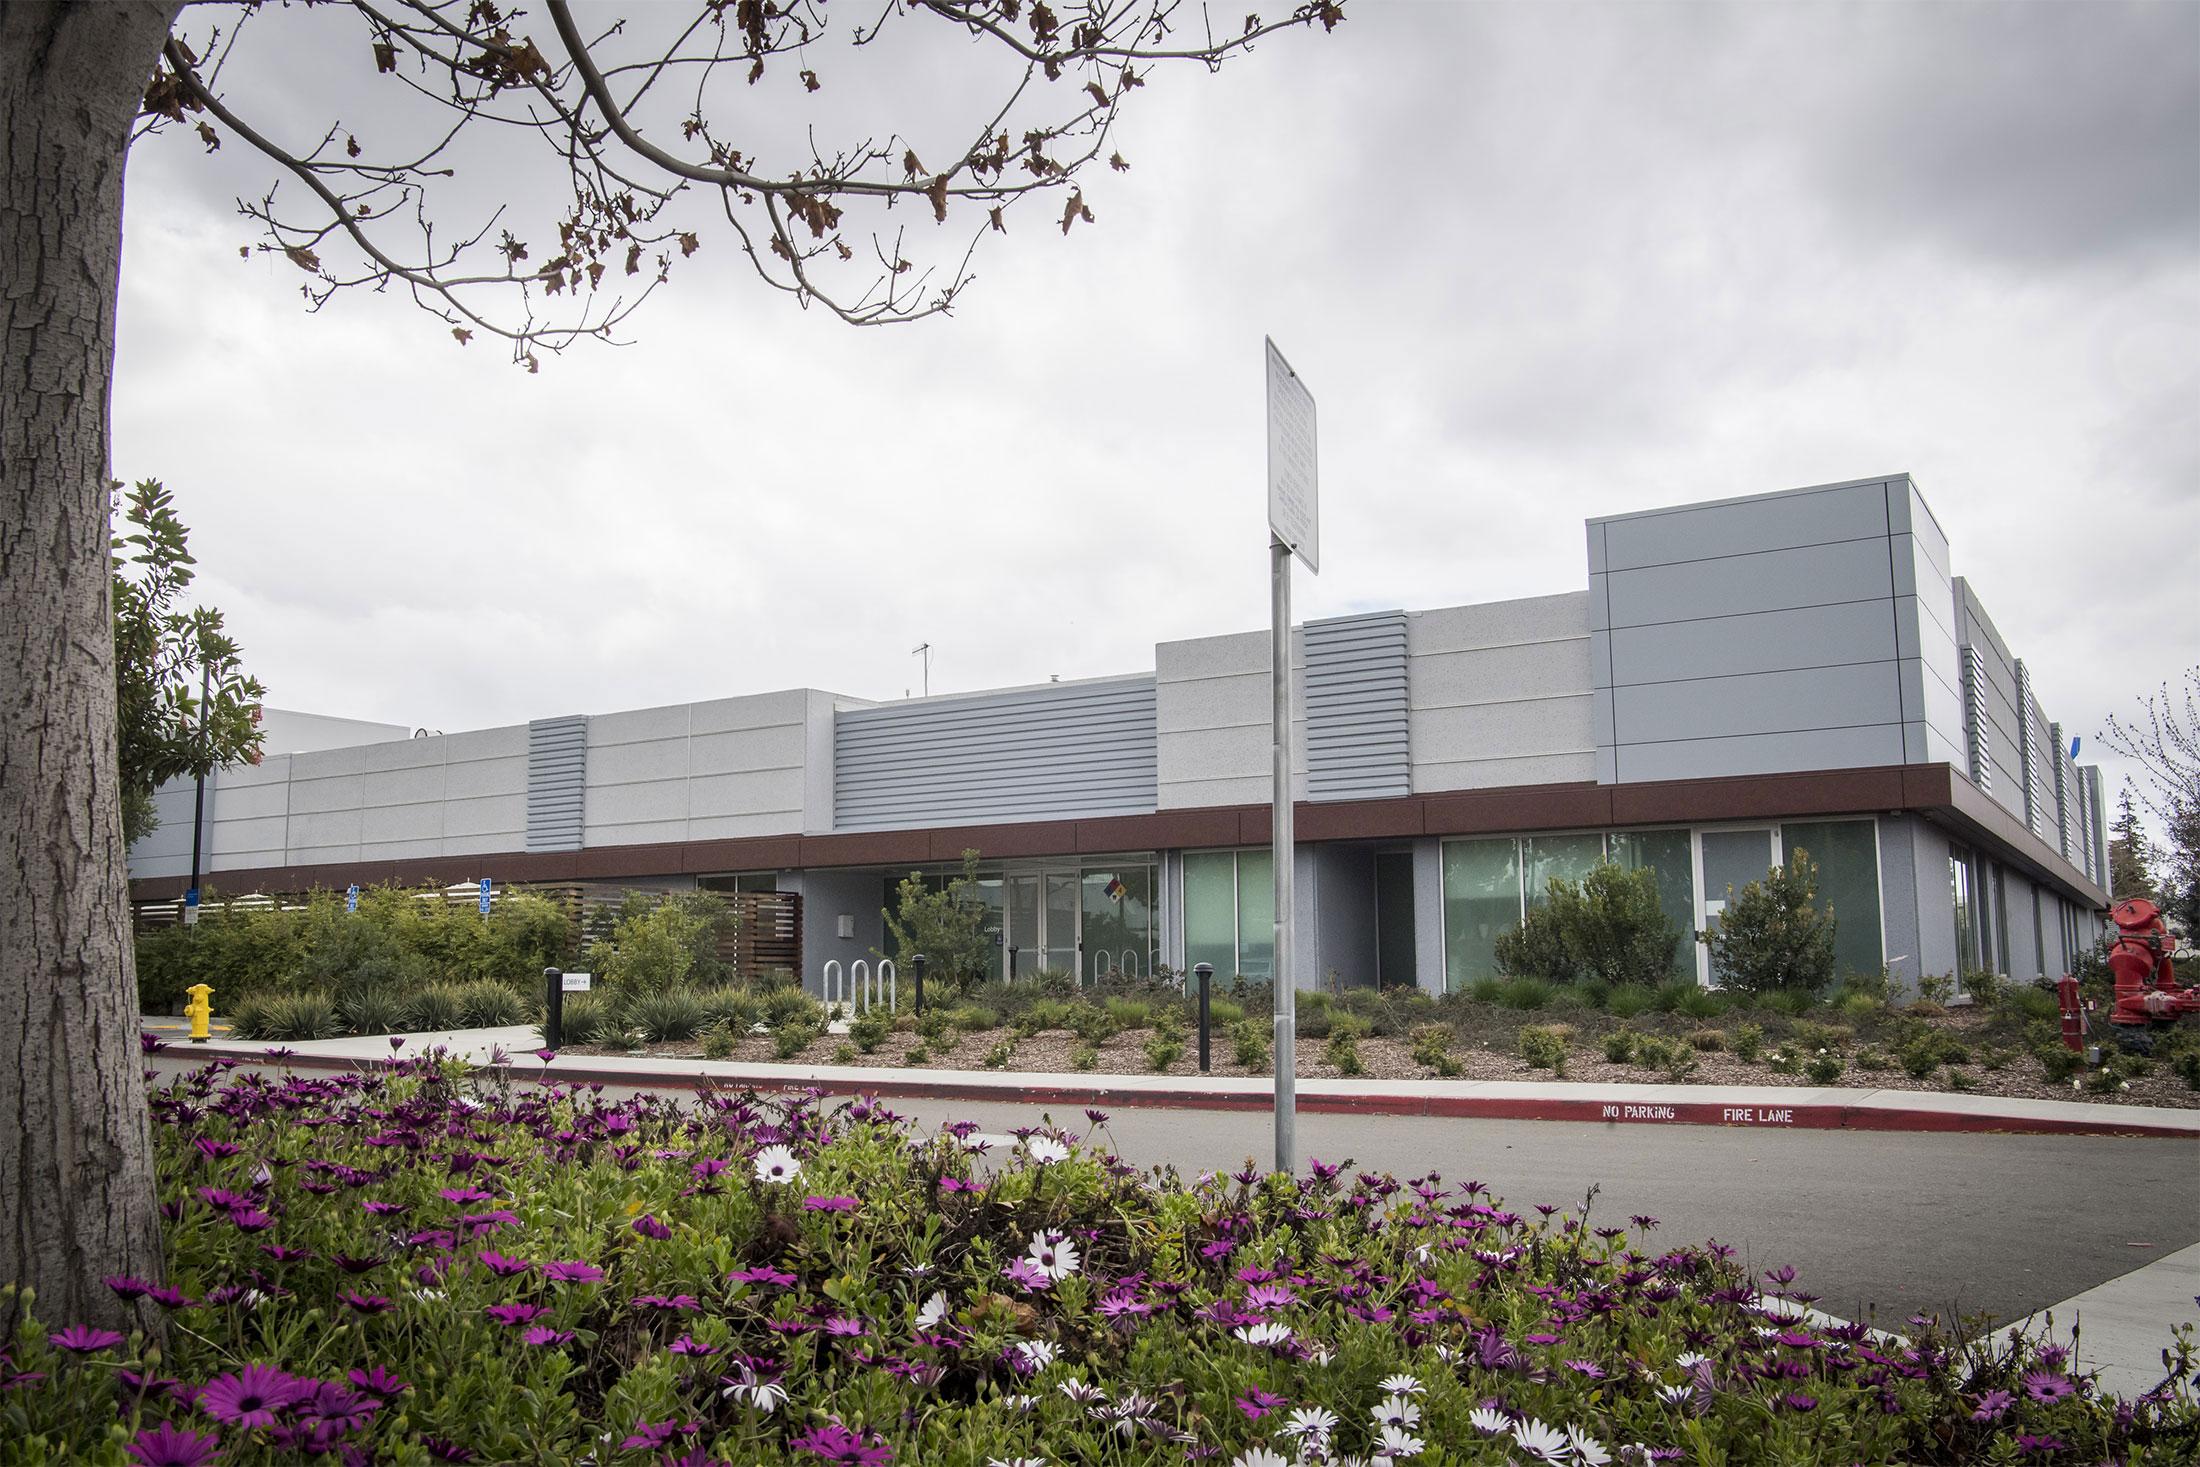 Suposta fábrica de microLED da Apple em Santa Clara